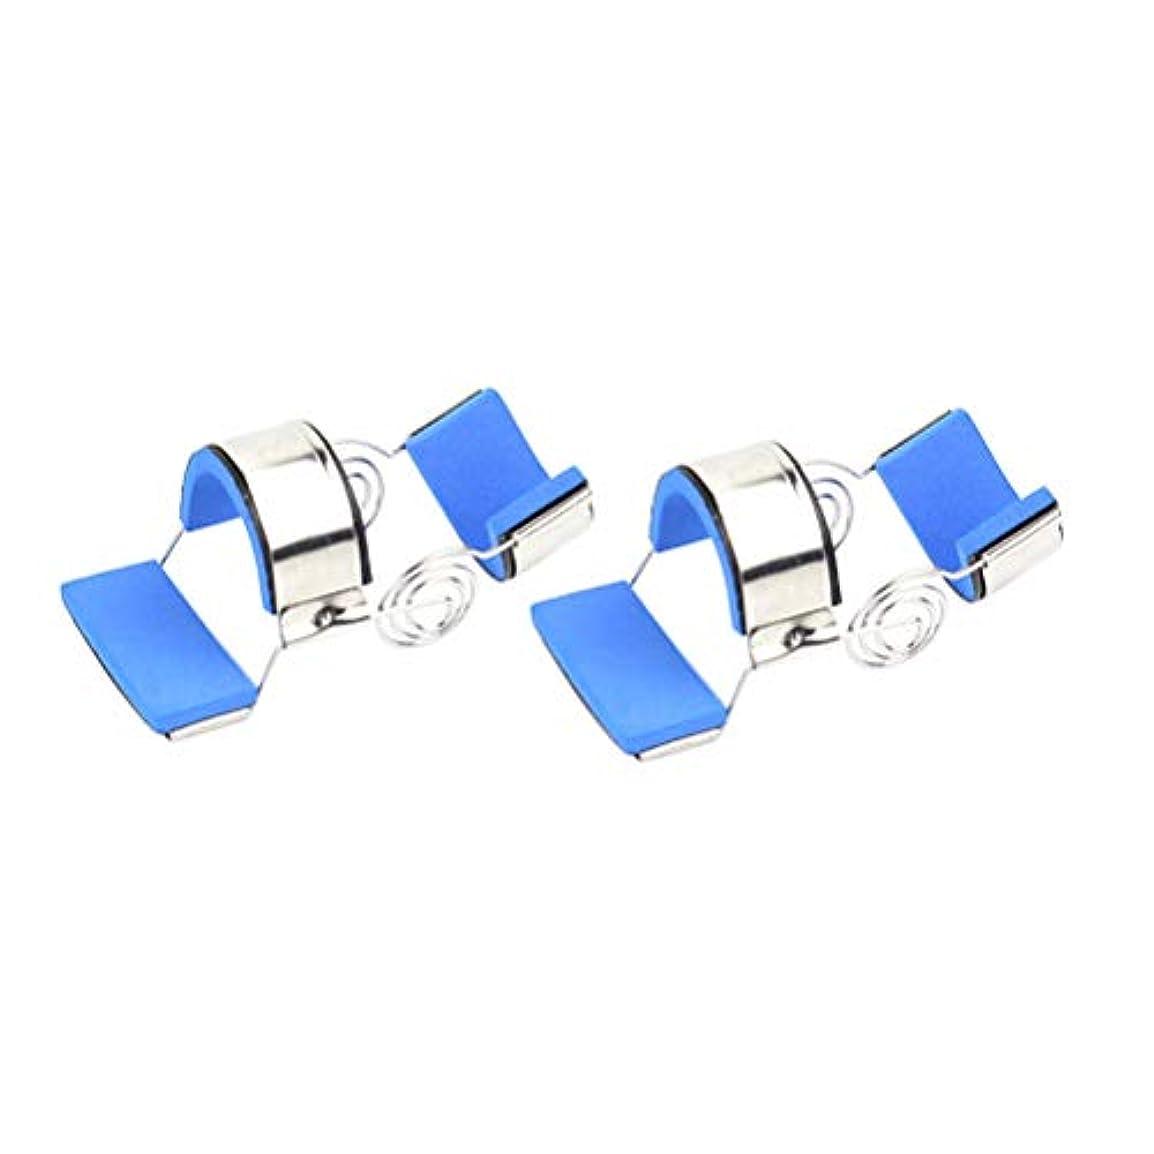 無効にする宝石バナナSUPVOXトリガーフィンガースプリントダイナミックスプリングコイルフィンガーエクステンションスプリントサポートブレースガードプロテクターリハビリトレーニング器具